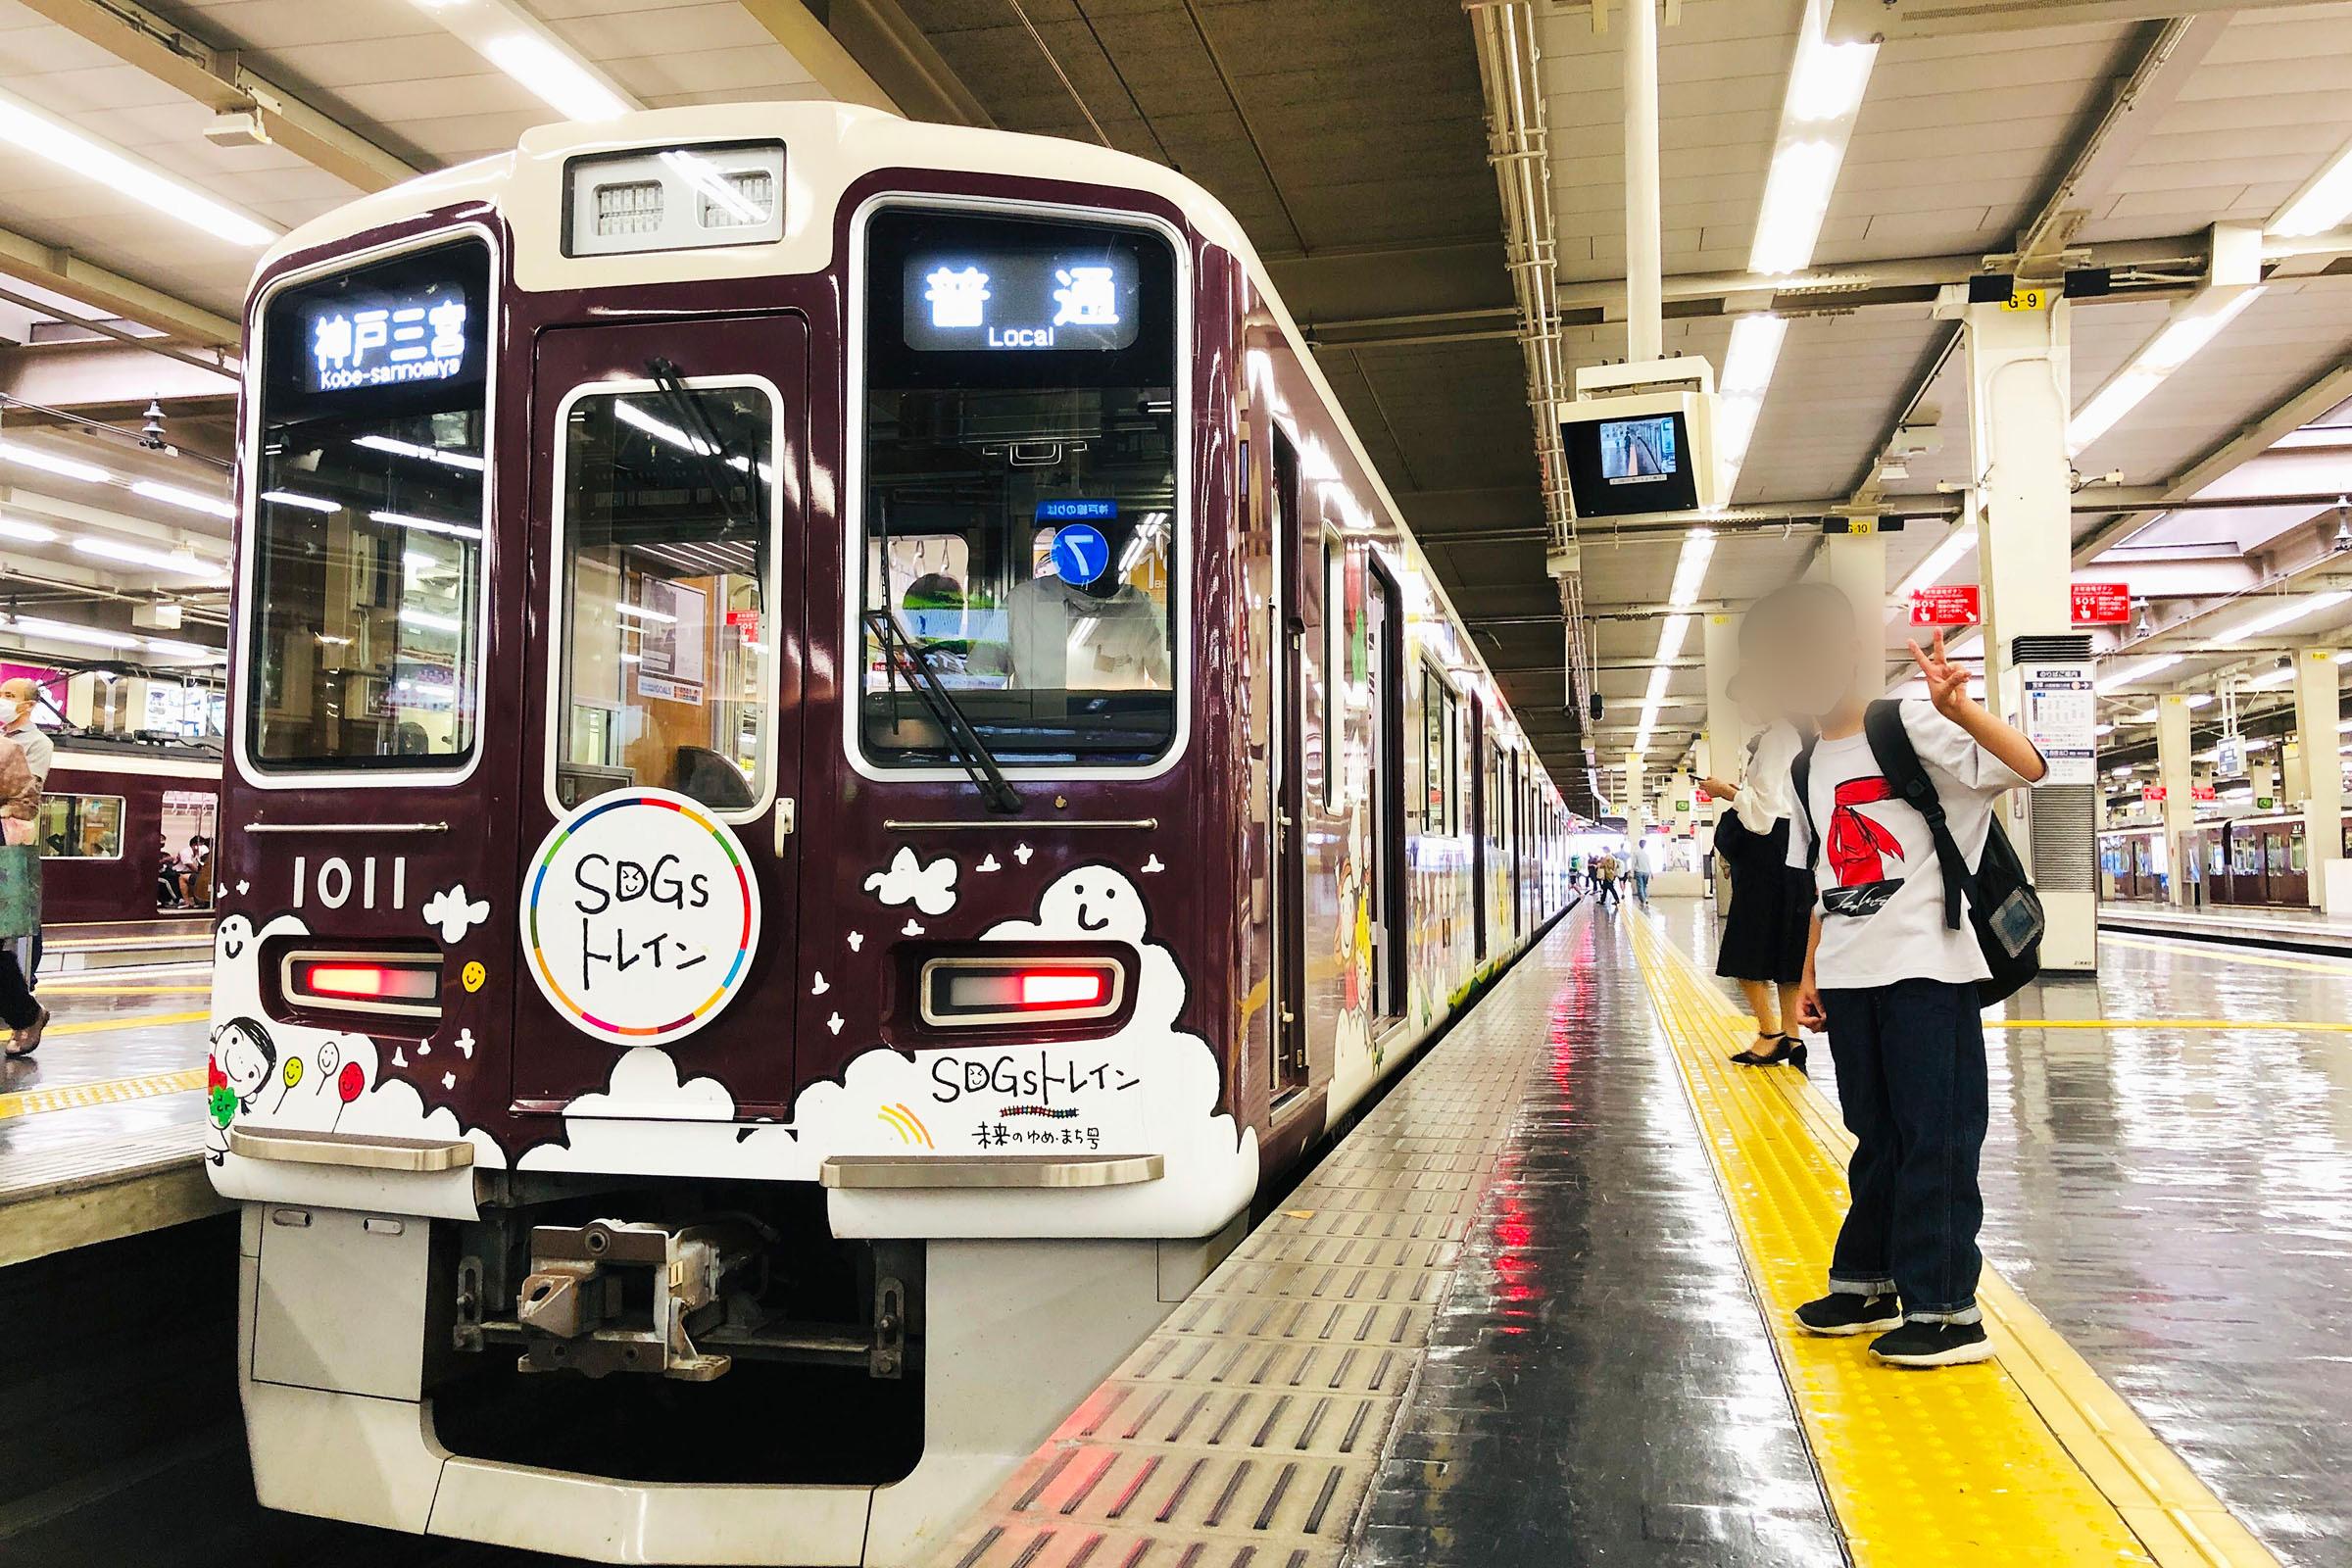 SDGsトレイン2020ポスター|2020.9.8〜12.7 阪急電鉄・阪神電車(大阪市環境局)